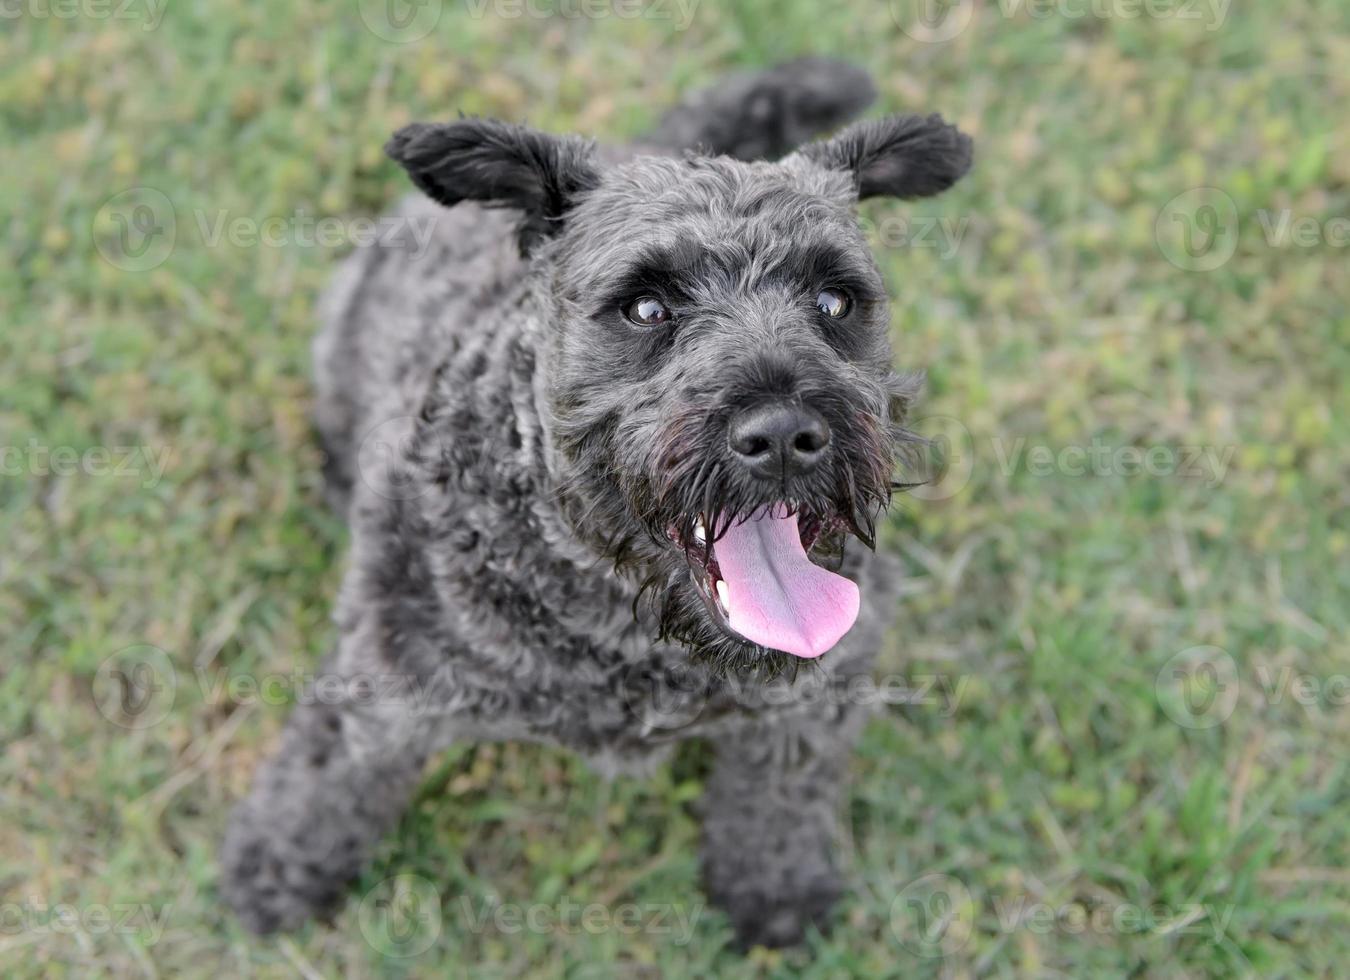 männlicher Schnauzerhund foto